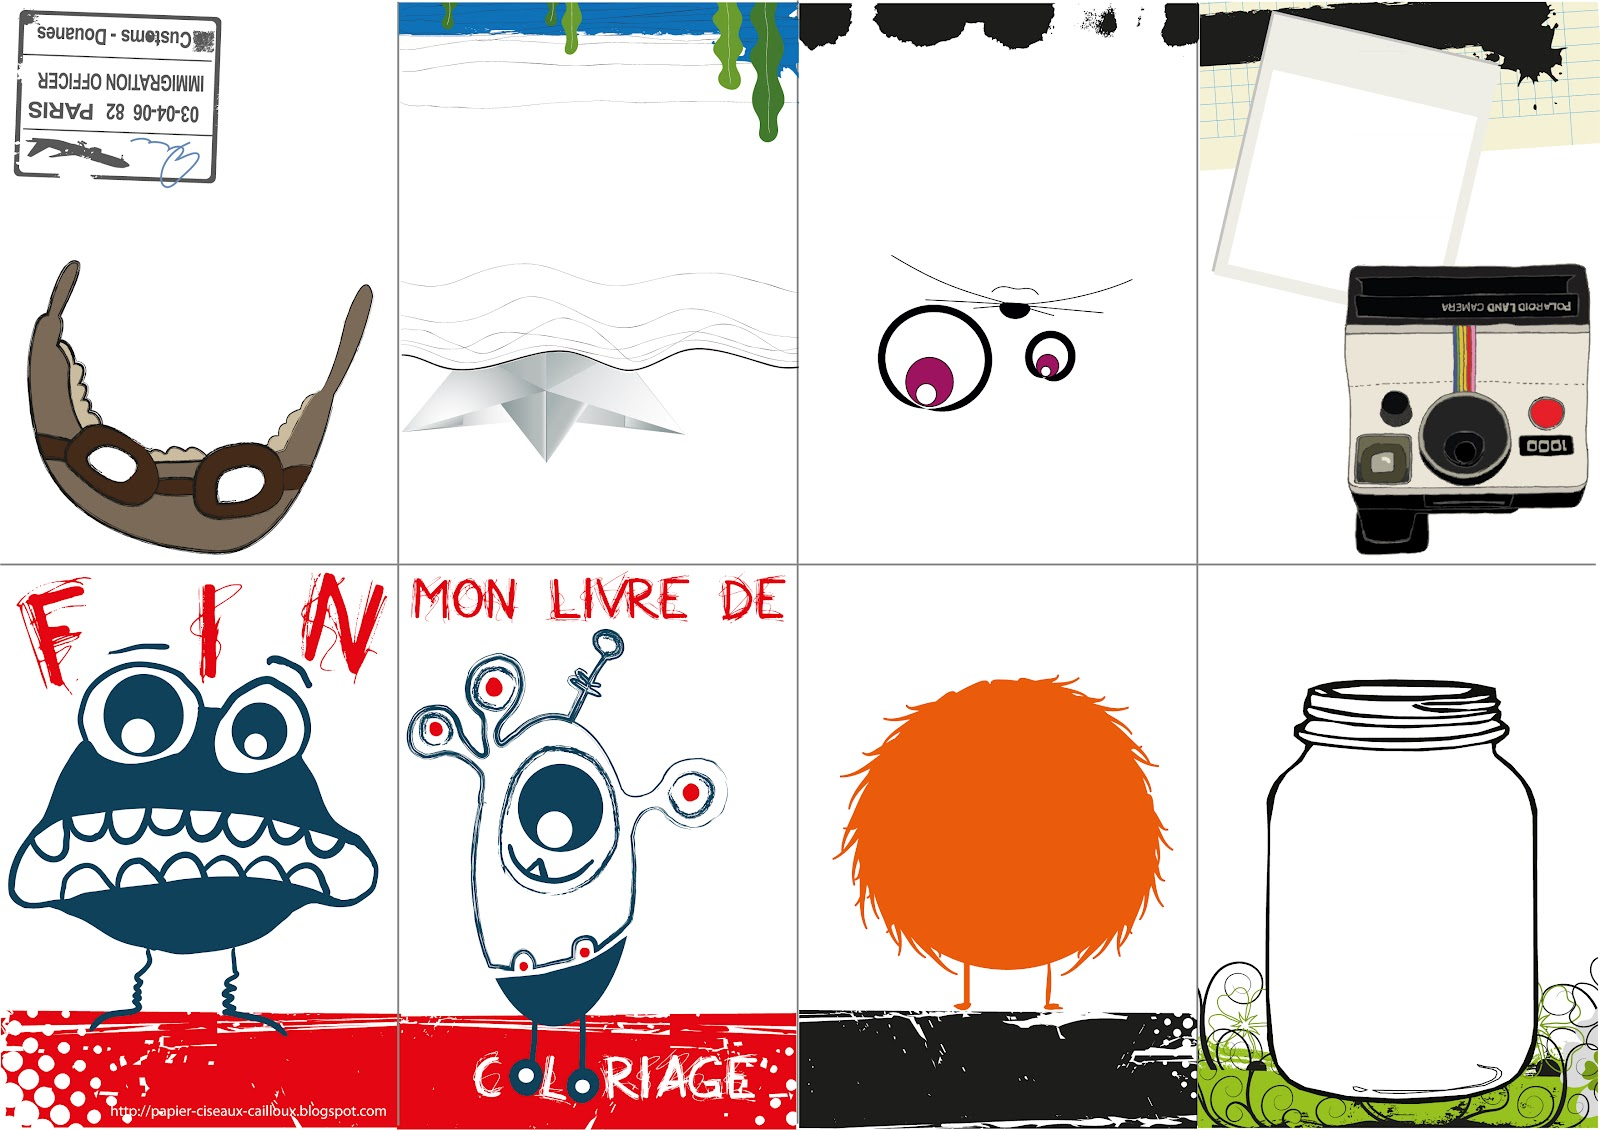 Coloriage Le Livre de la jungle Coloriages à imprimer